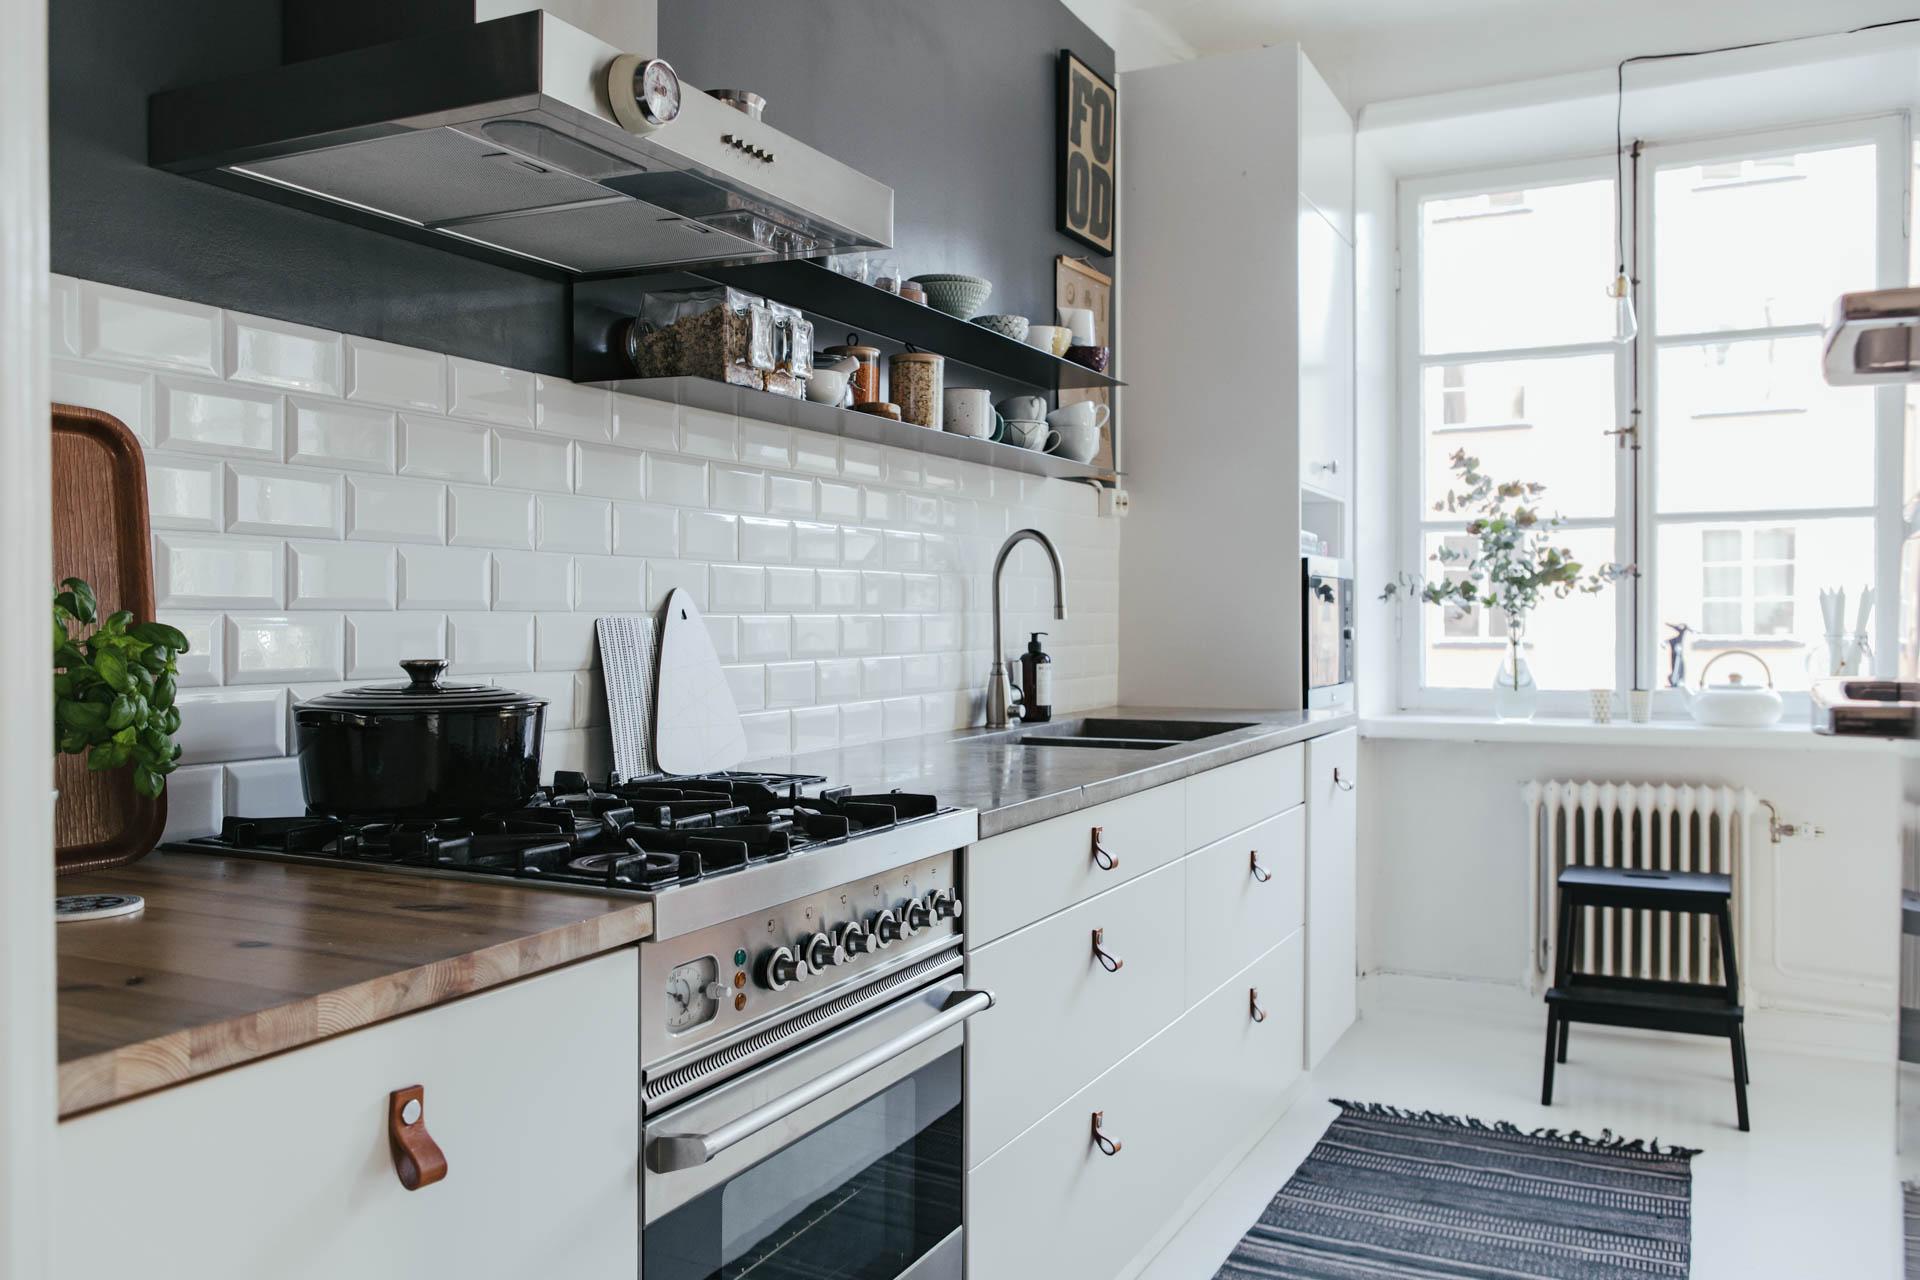 azulejo biselado para una cocina n rdica interiores